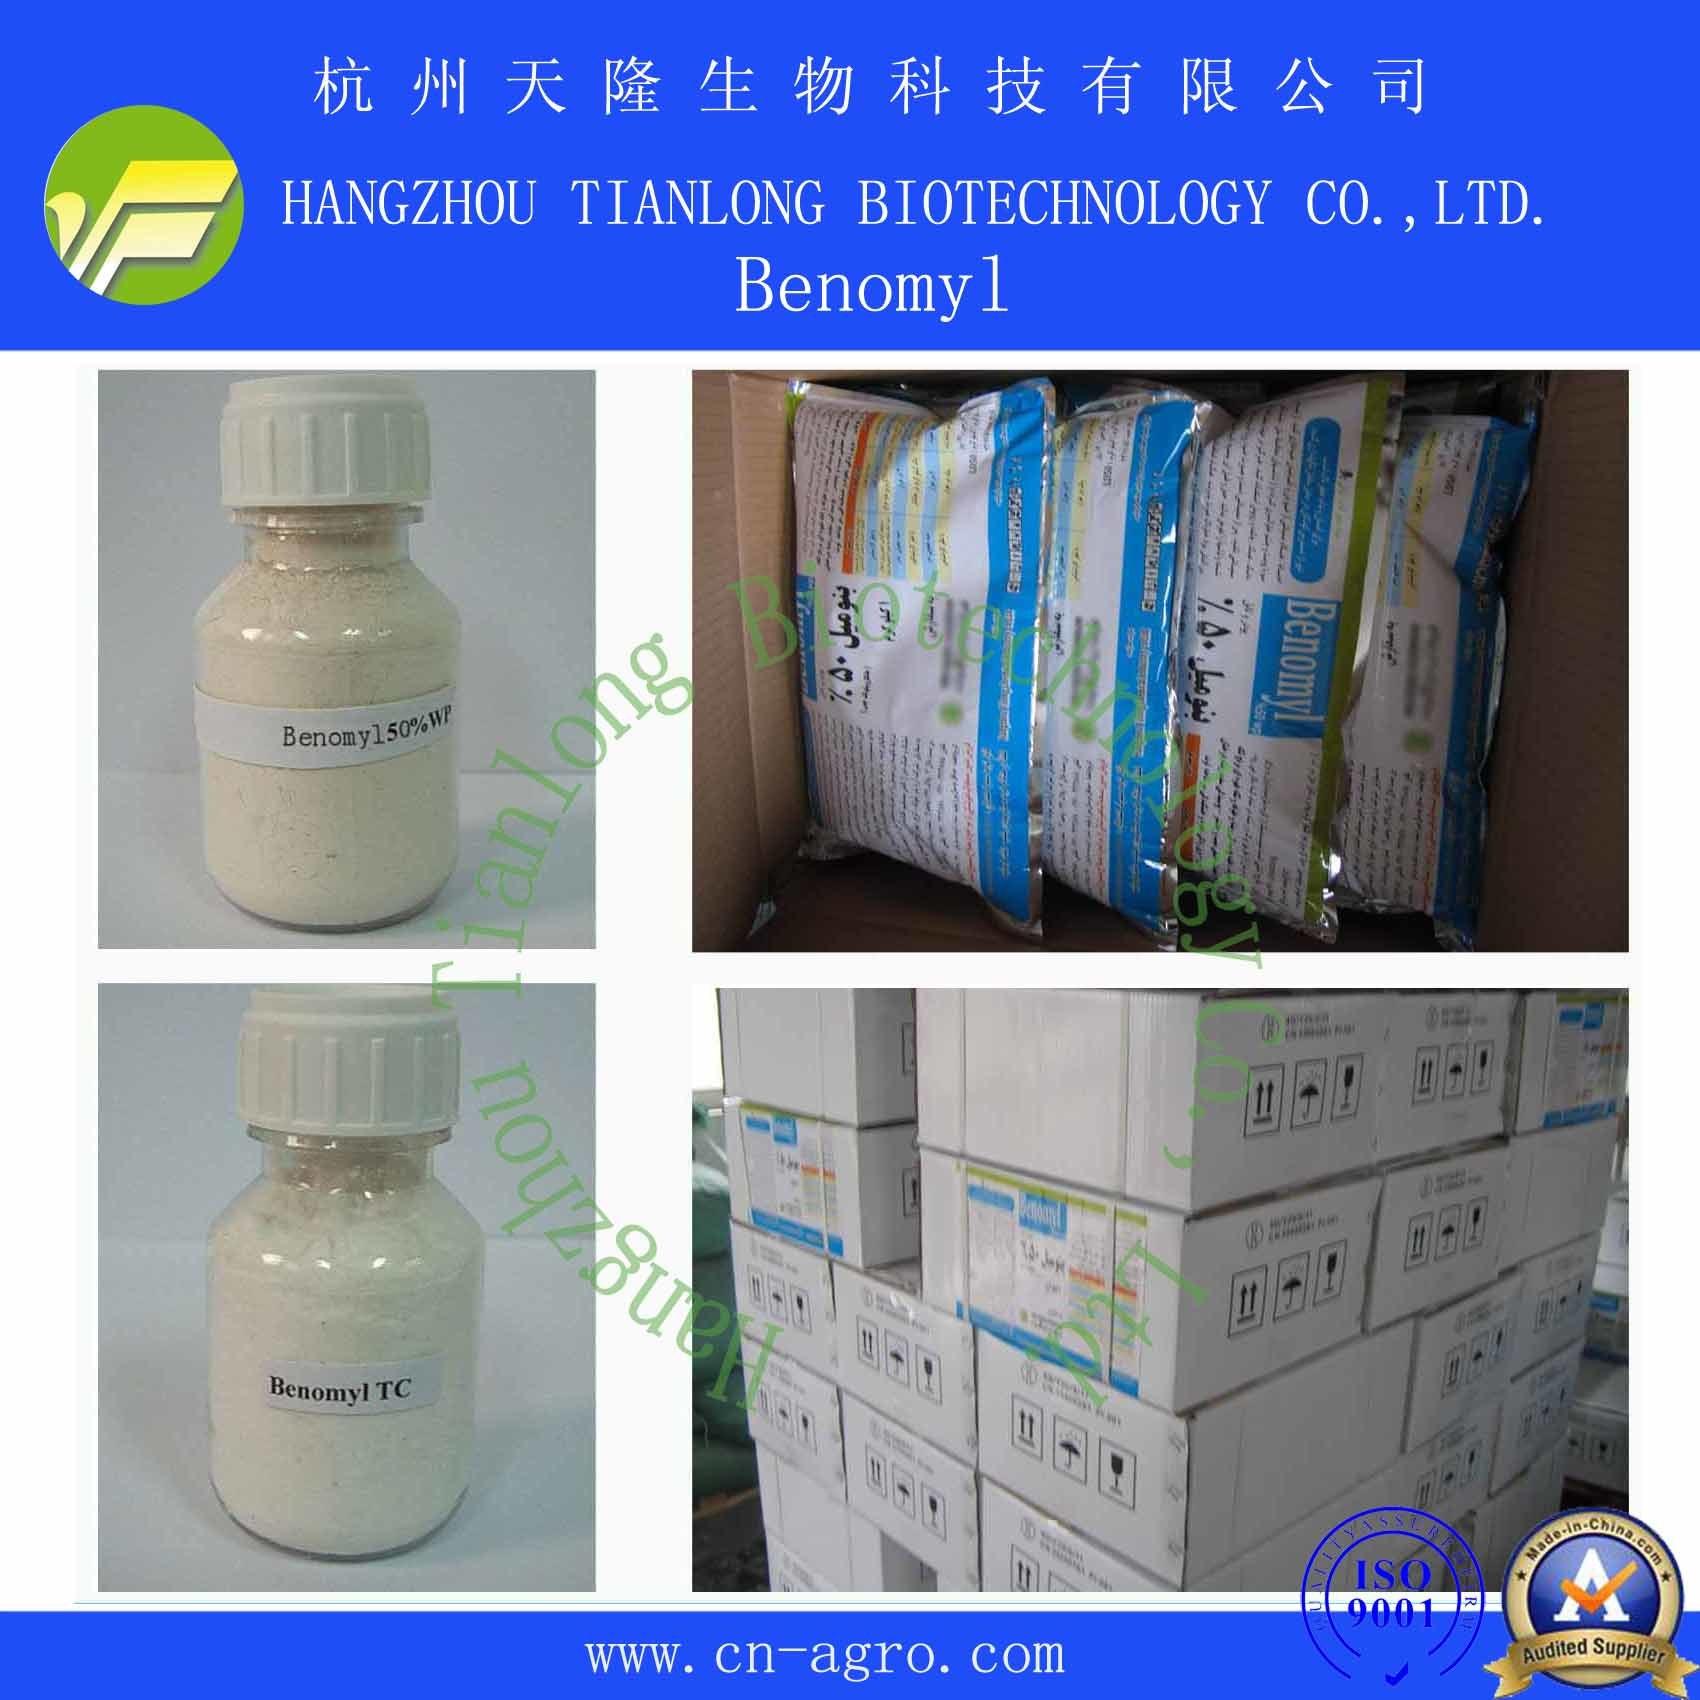 alle produkte zur verf gung gestellt vonhangzhou tianlong biotechnology co ltd. Black Bedroom Furniture Sets. Home Design Ideas